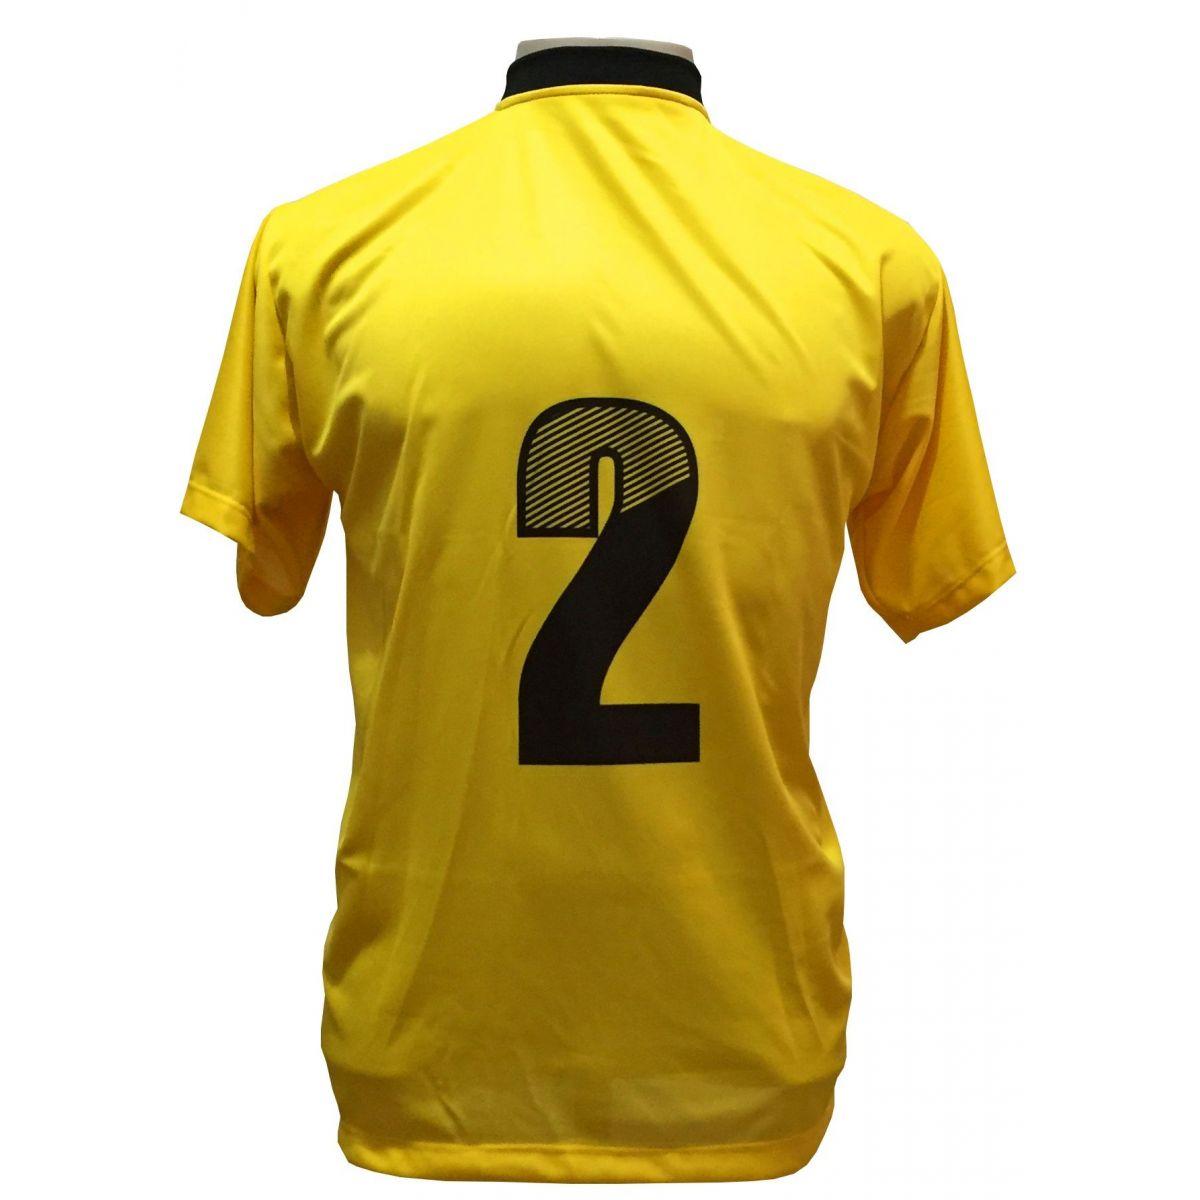 Uniforme Esportivo com 18 Camisas modelo Roma Amarelo/Preto + 18 Calções modelo Madrid Preto